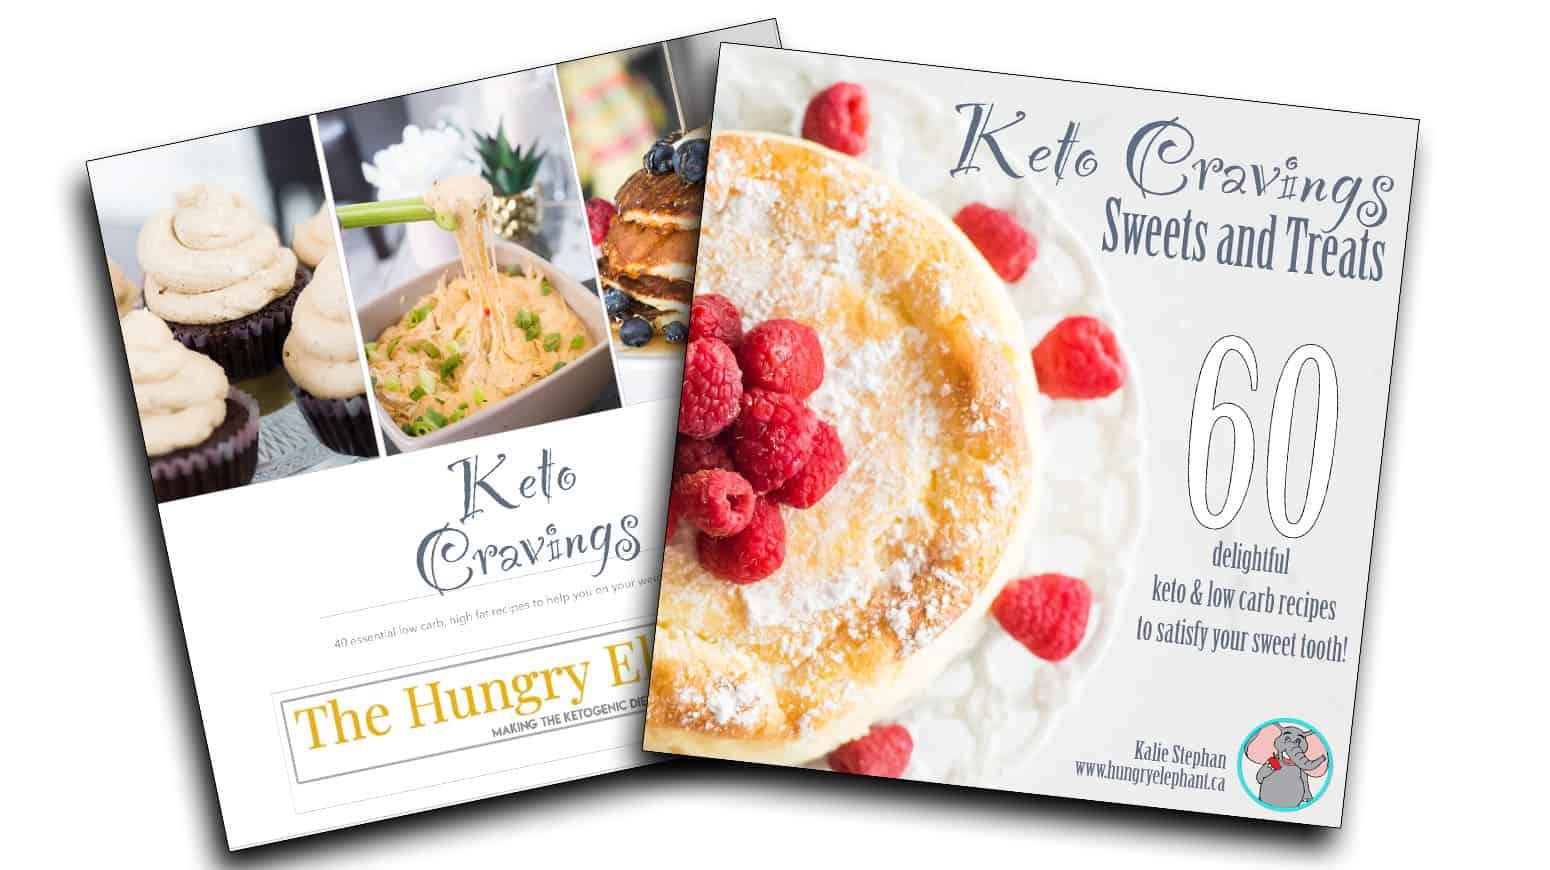 keto cravings cookbook, keto cravings